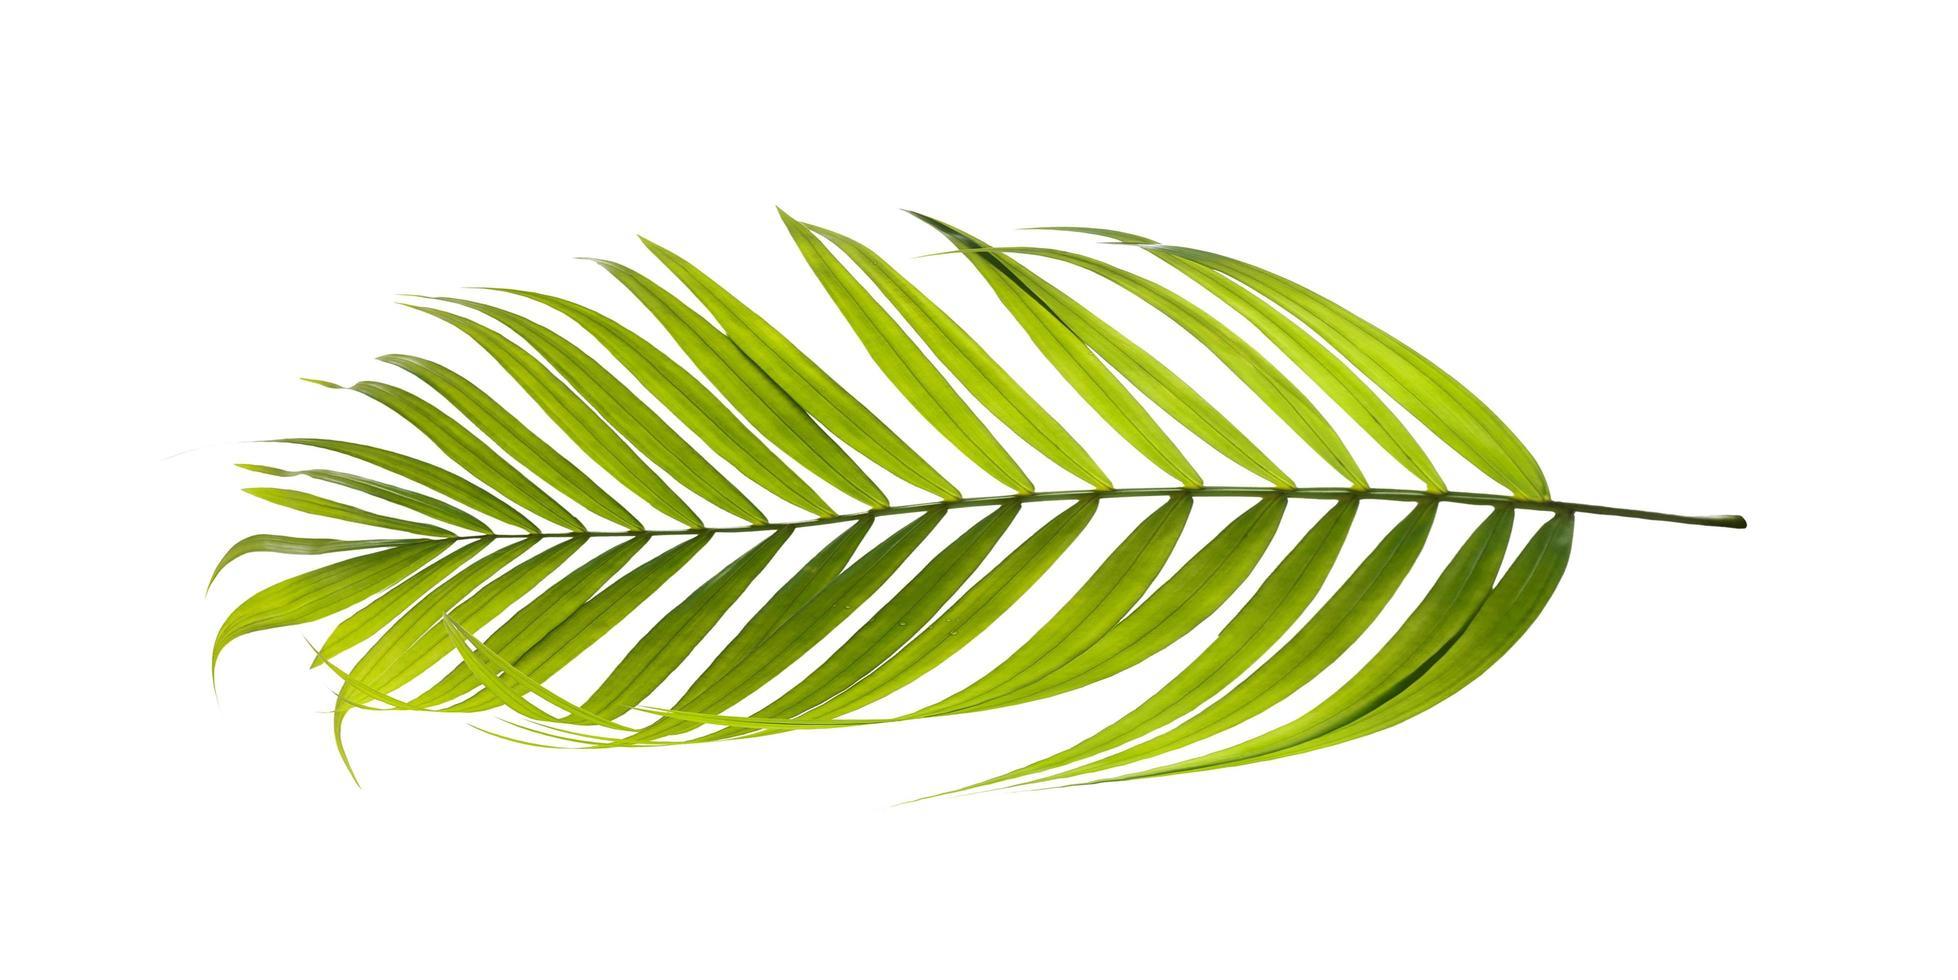 Kokosnussbaumblatt foto